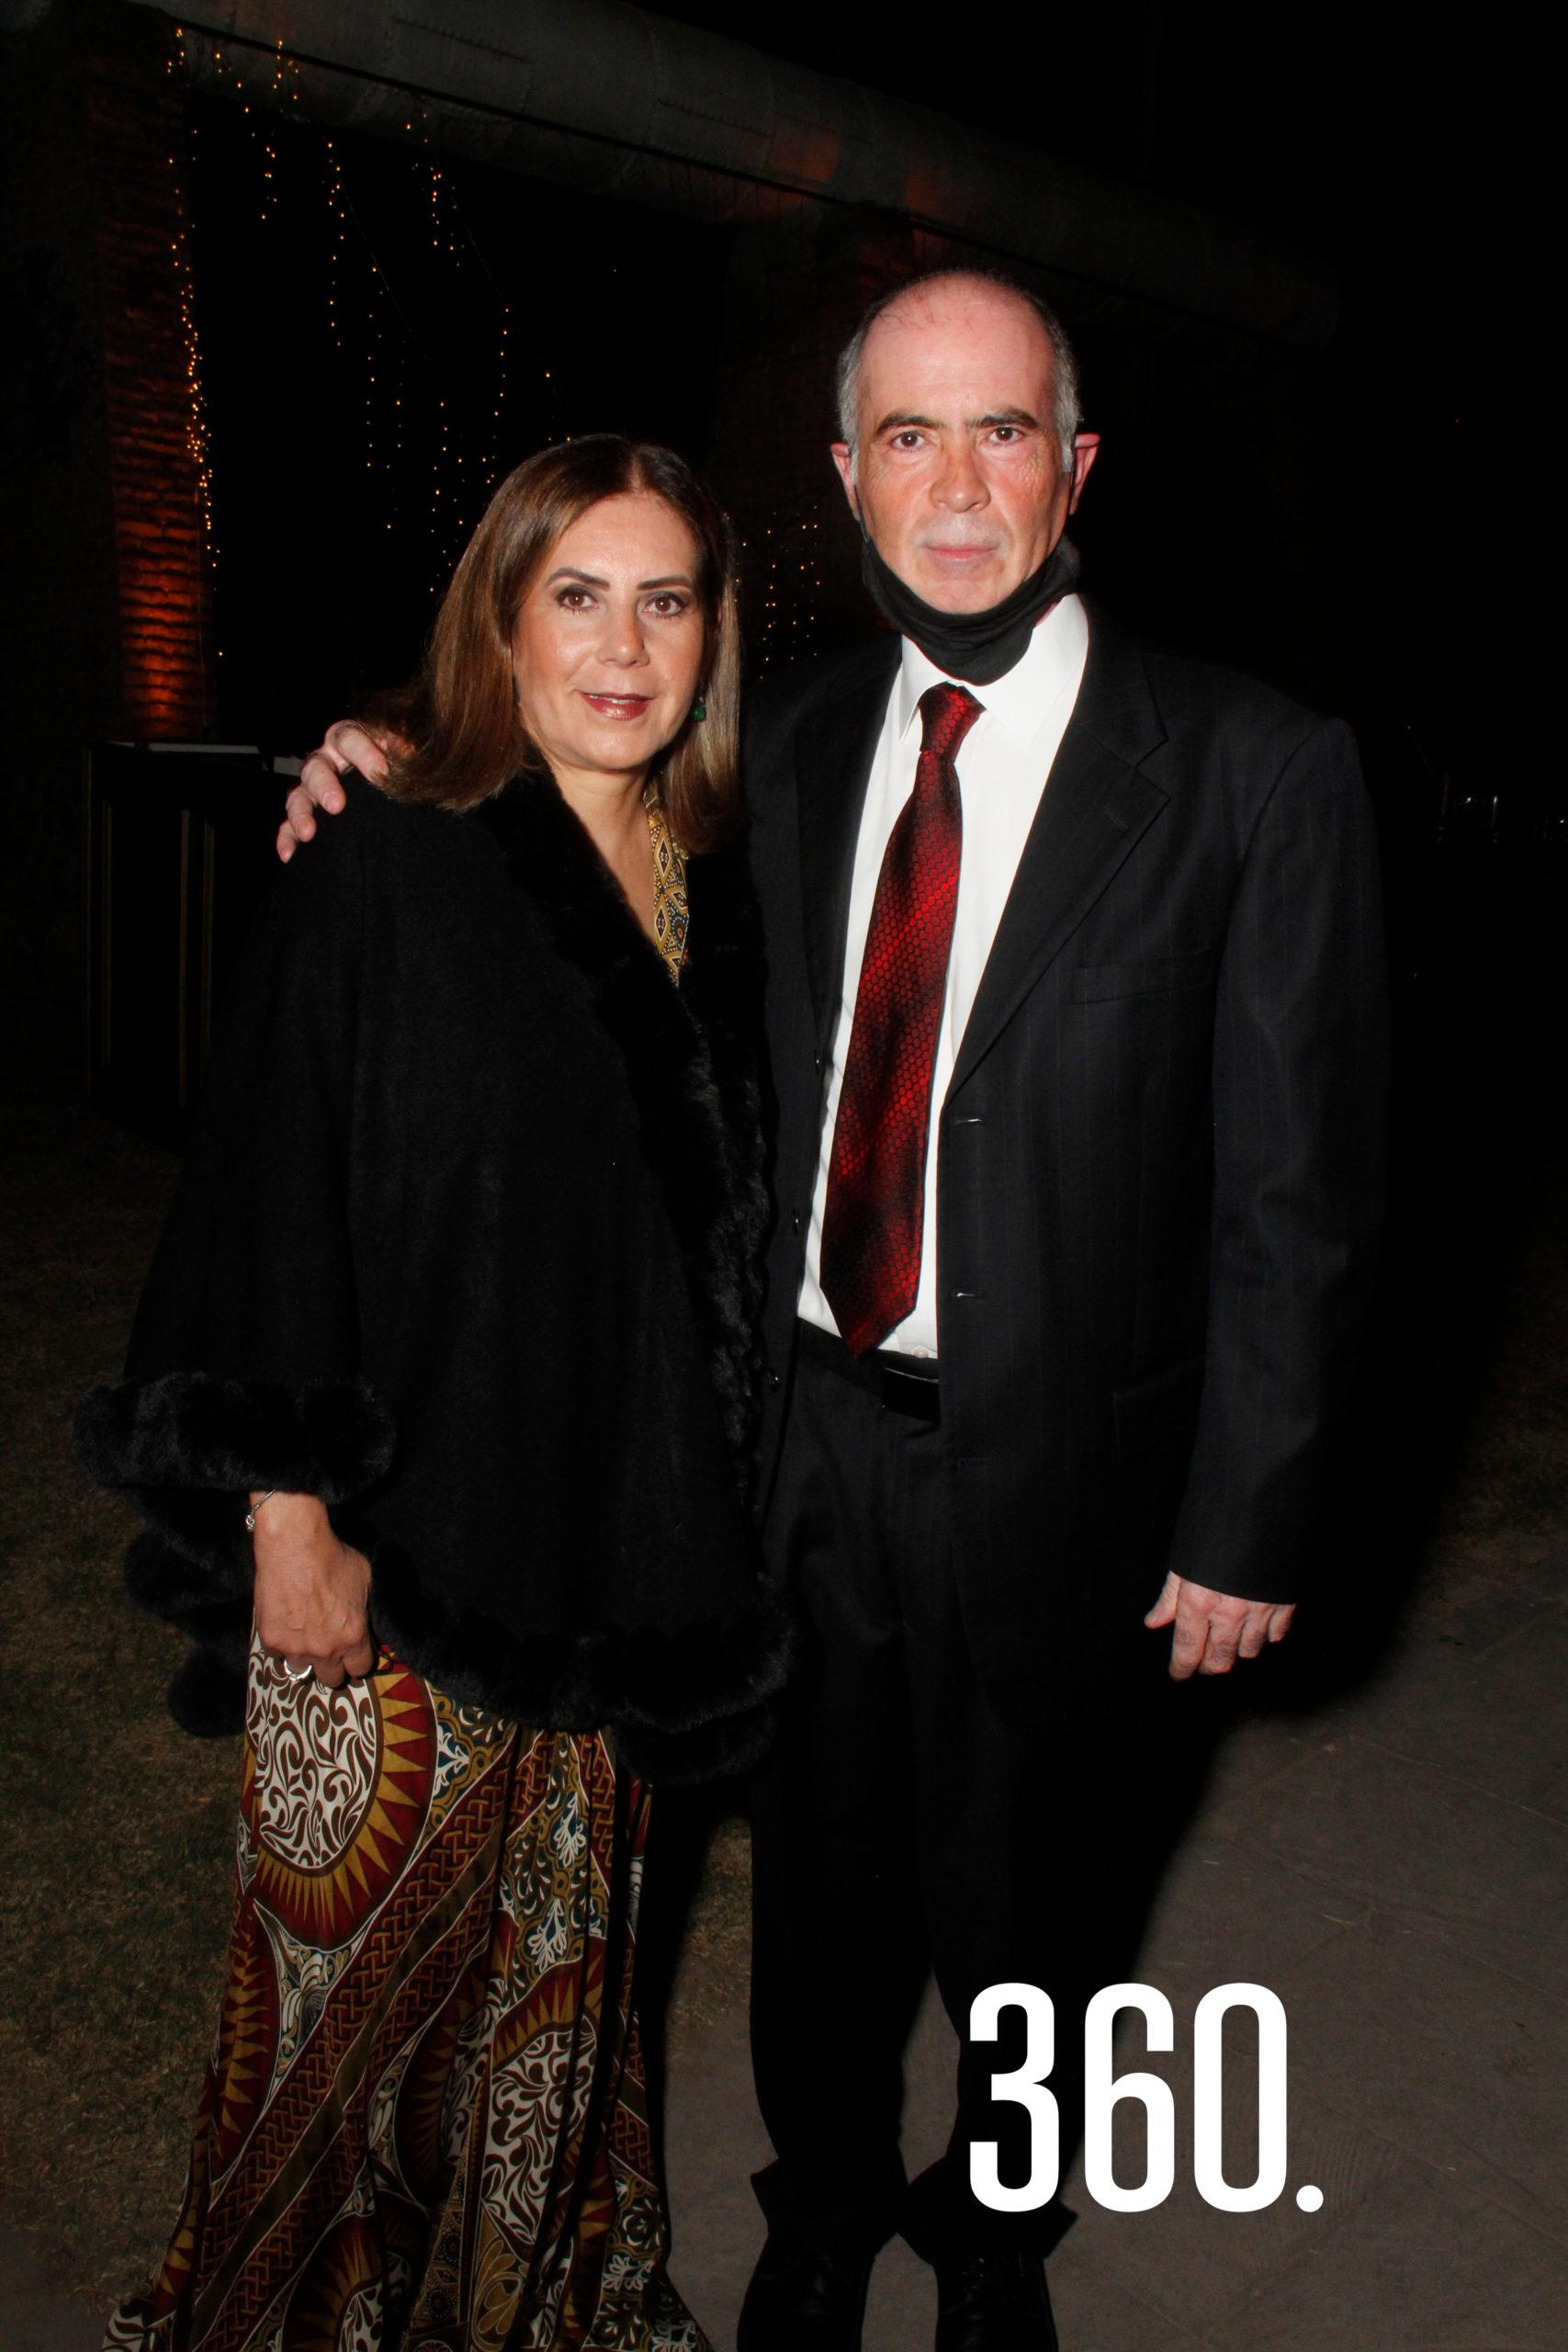 Micaela Hernández y Jorge Rodríguez.